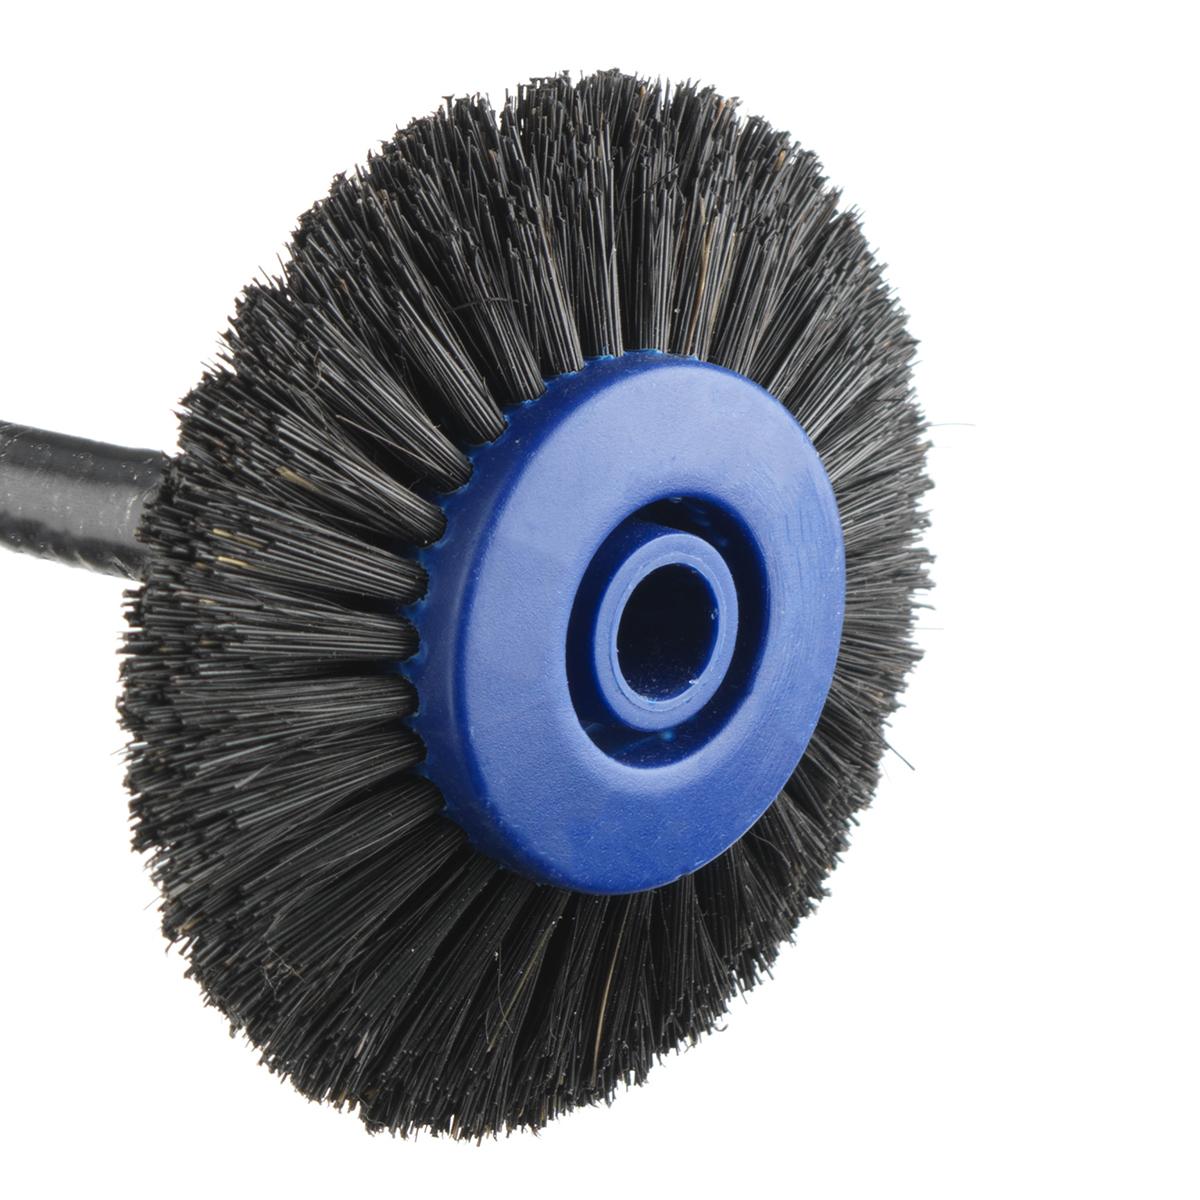 Vajenti spazzola rotante foto e-commerce